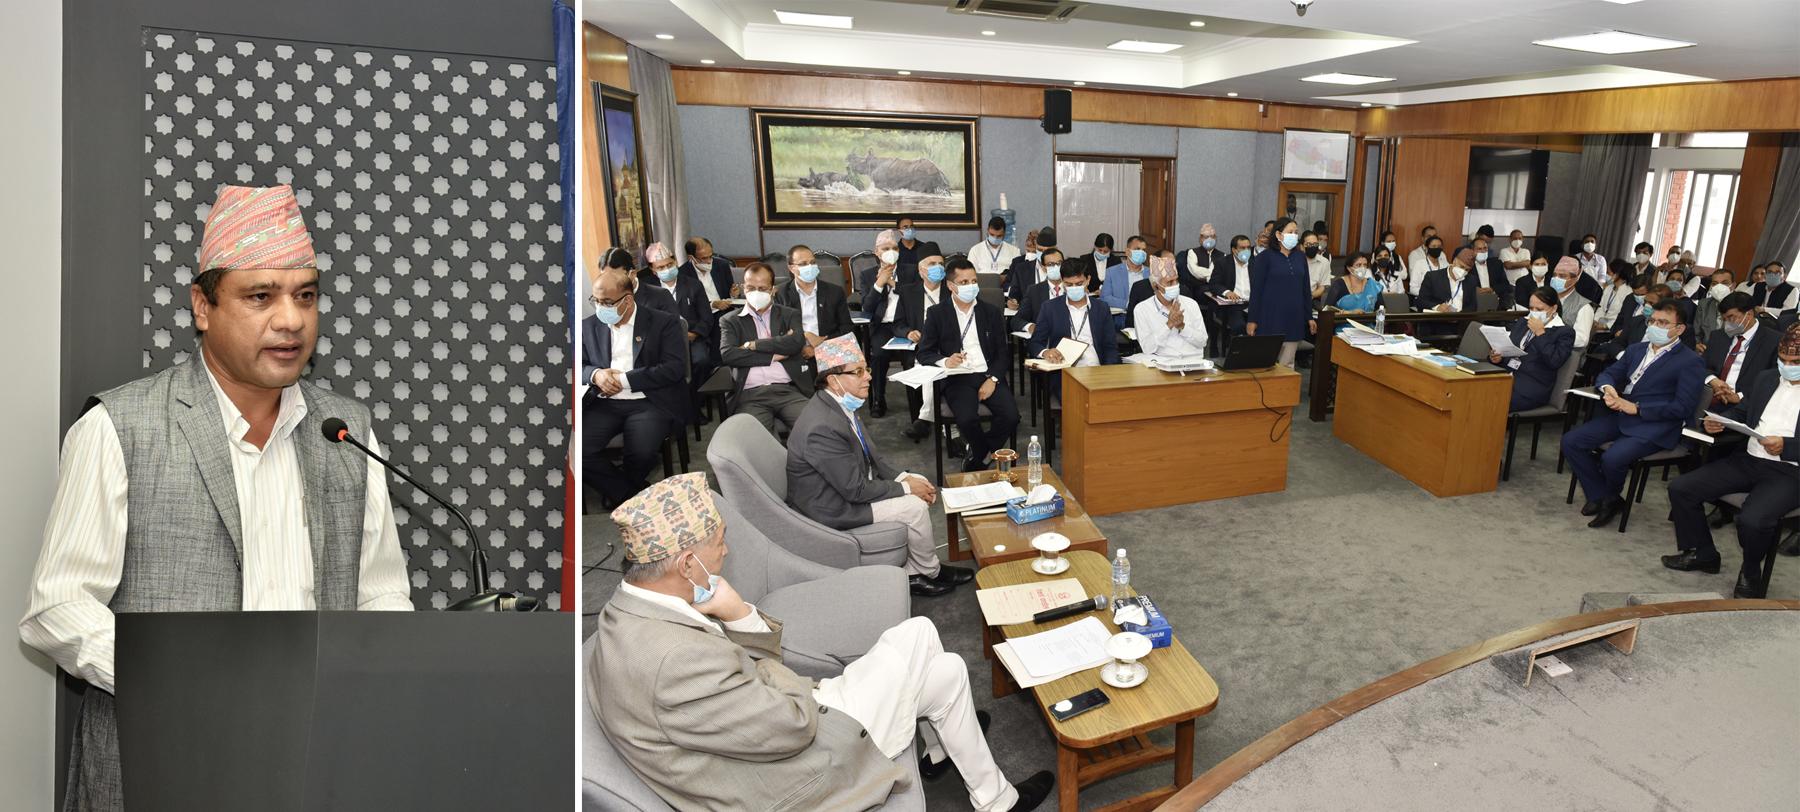 वार्षिक समिक्षा बैठकमा समितिको तर्फबाट आफ्नो प्रस्तुती राख्दै समितिका अध्यक्ष राजेन्द्र अर्याल